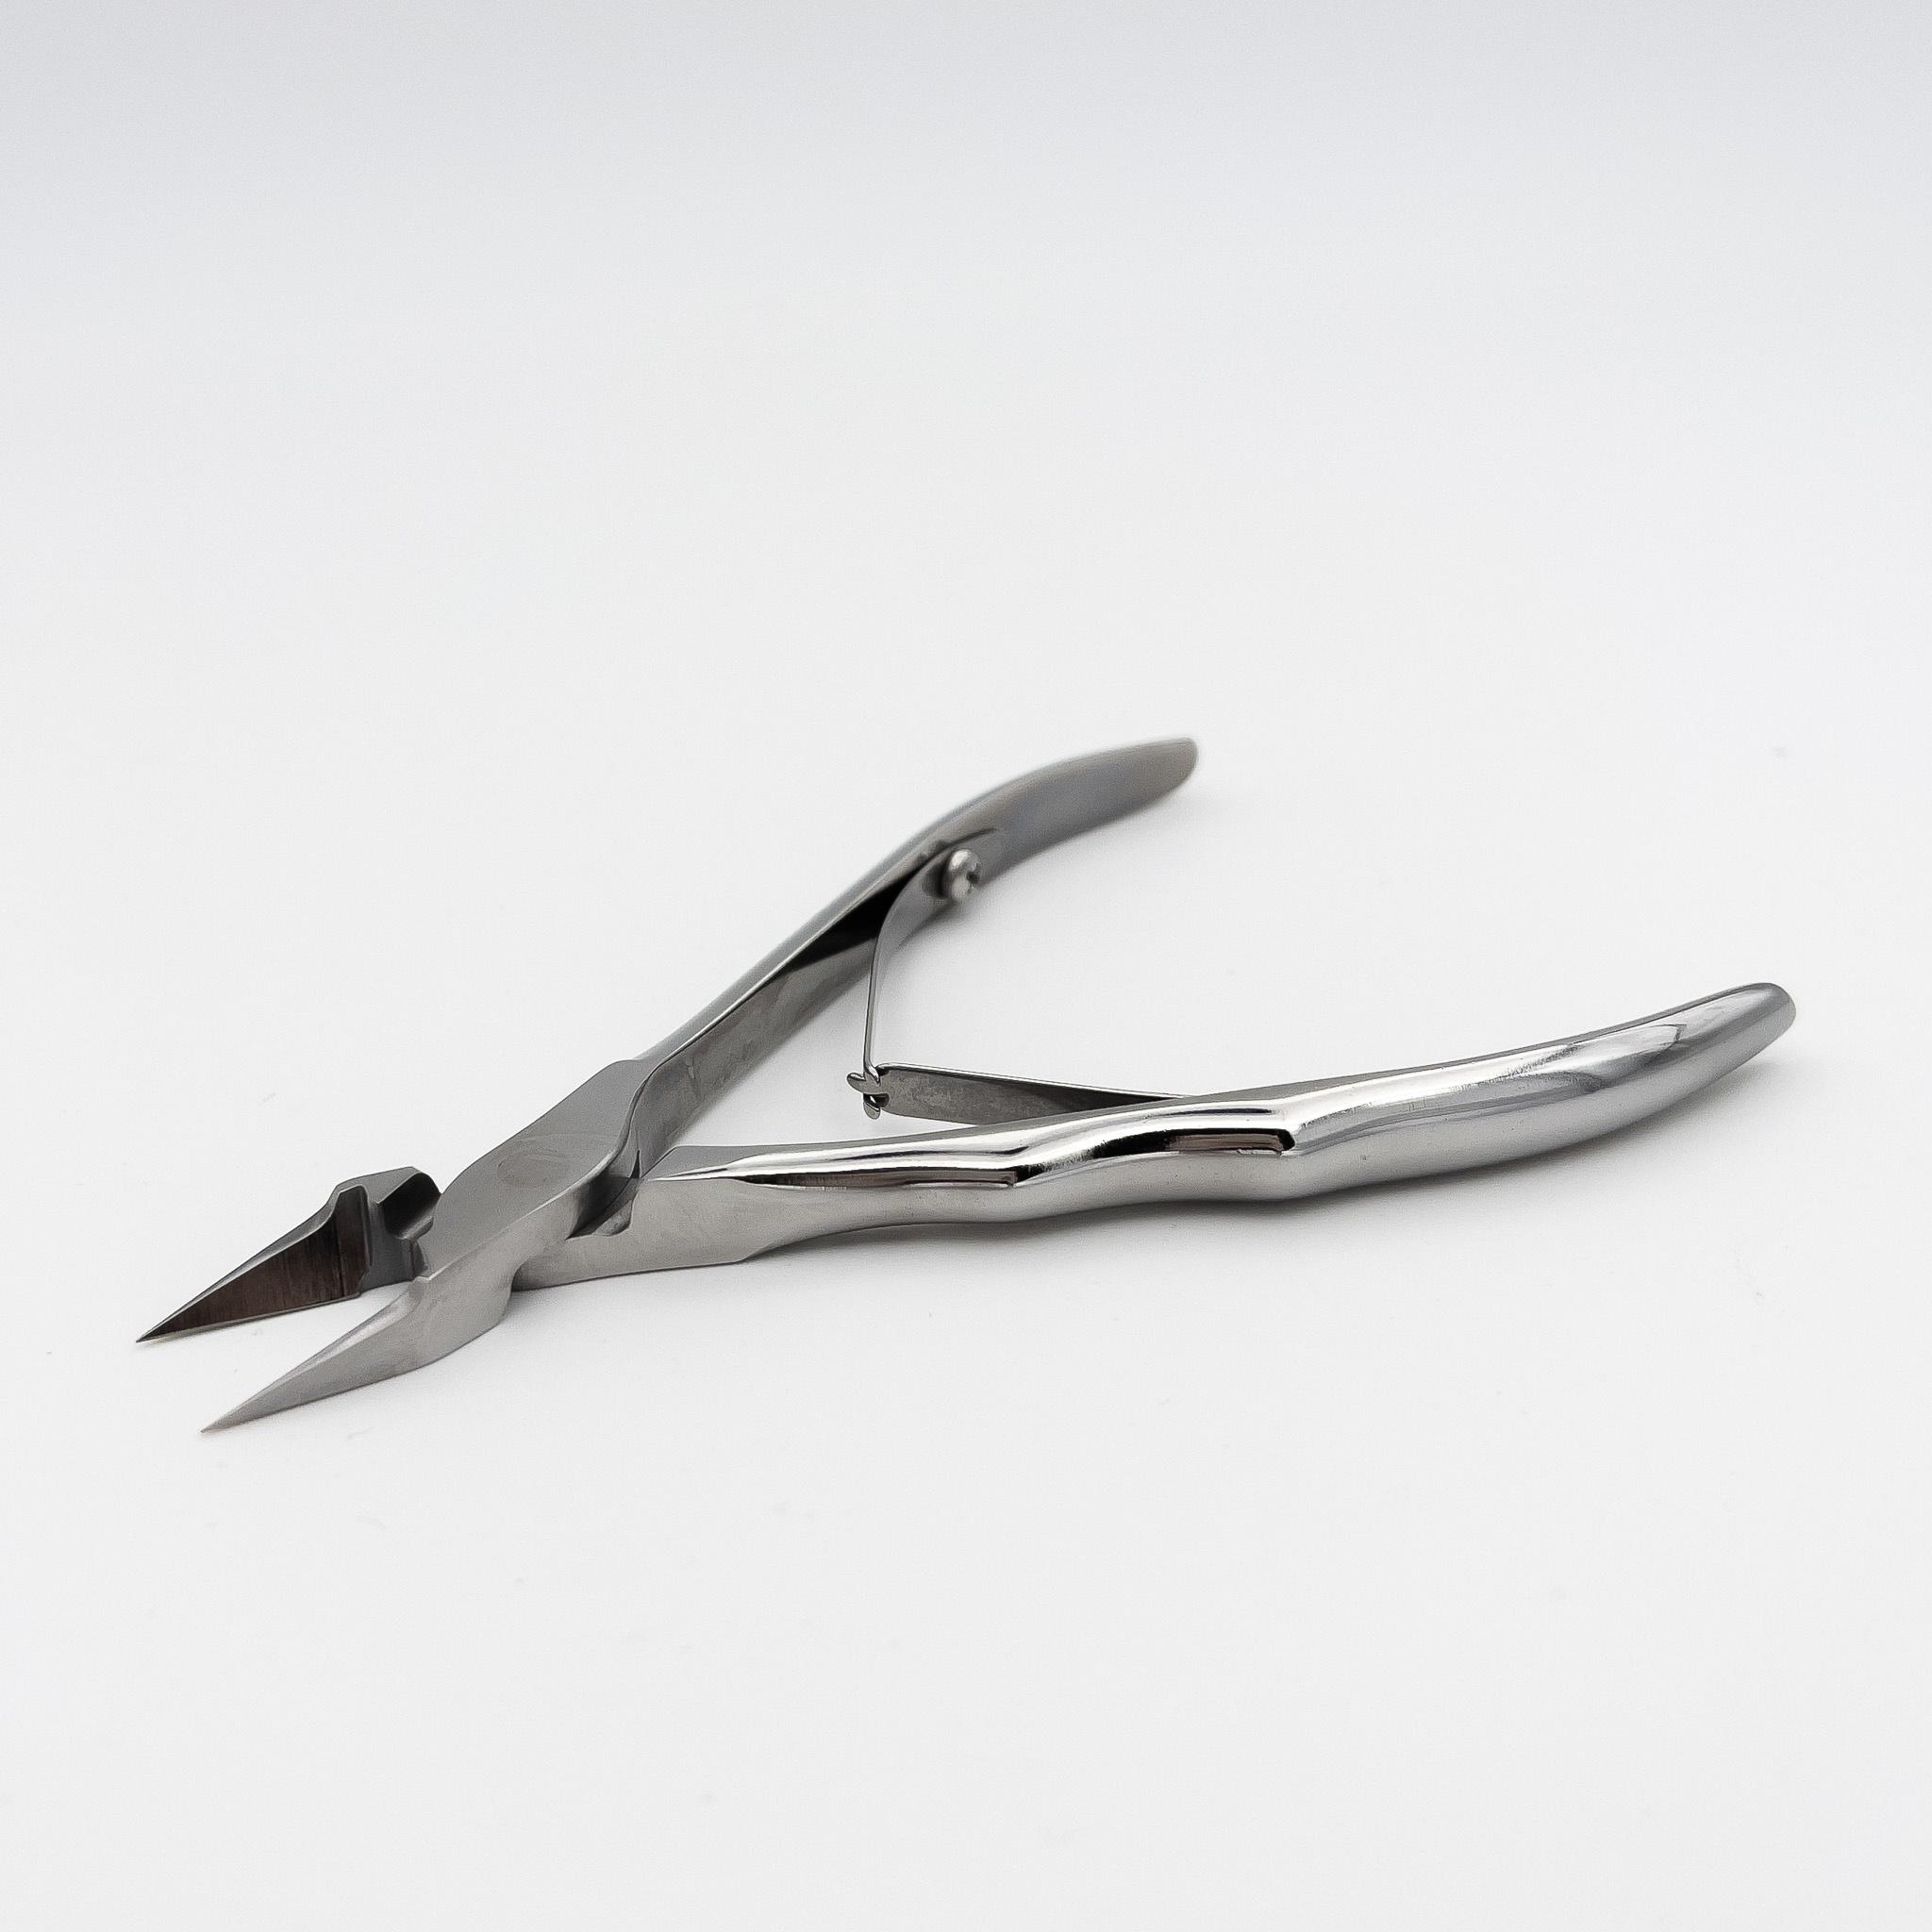 STALENA Pince à ongles incarnés grande, plate et pointue  avec poignée ergonomique K-05 (N7-61-16)